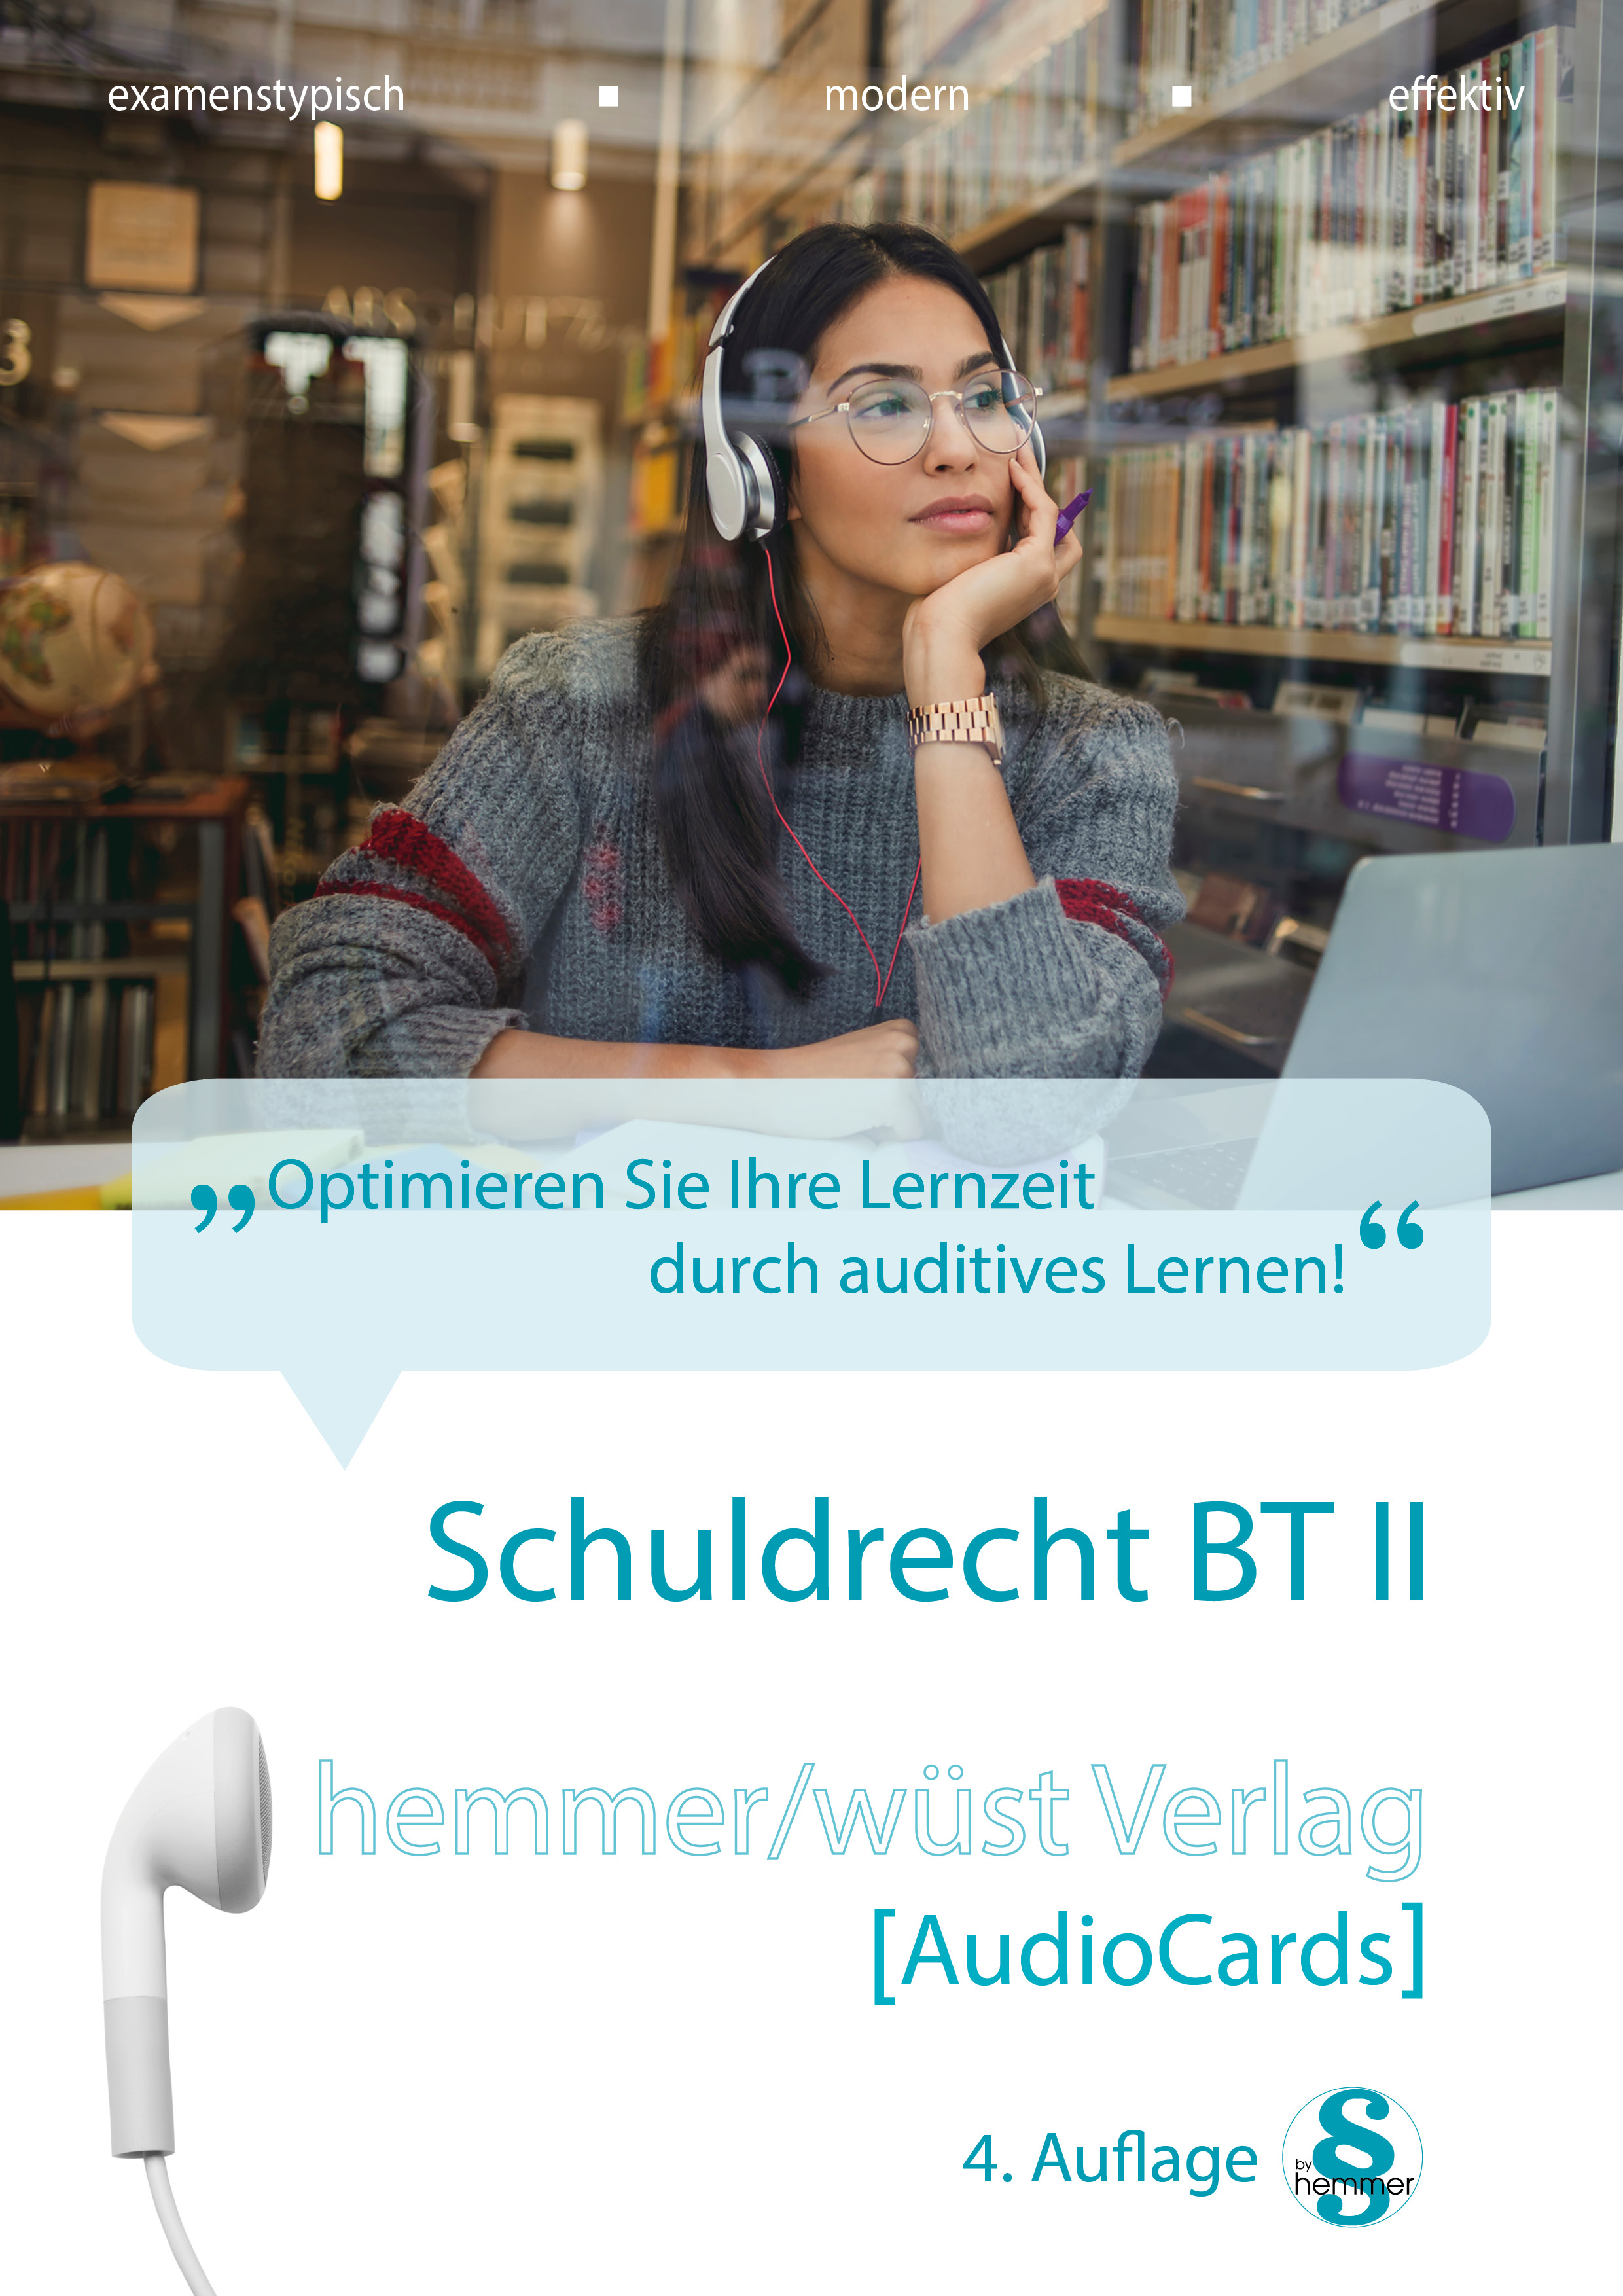 Audiocards - Schuldrecht BT II - Download